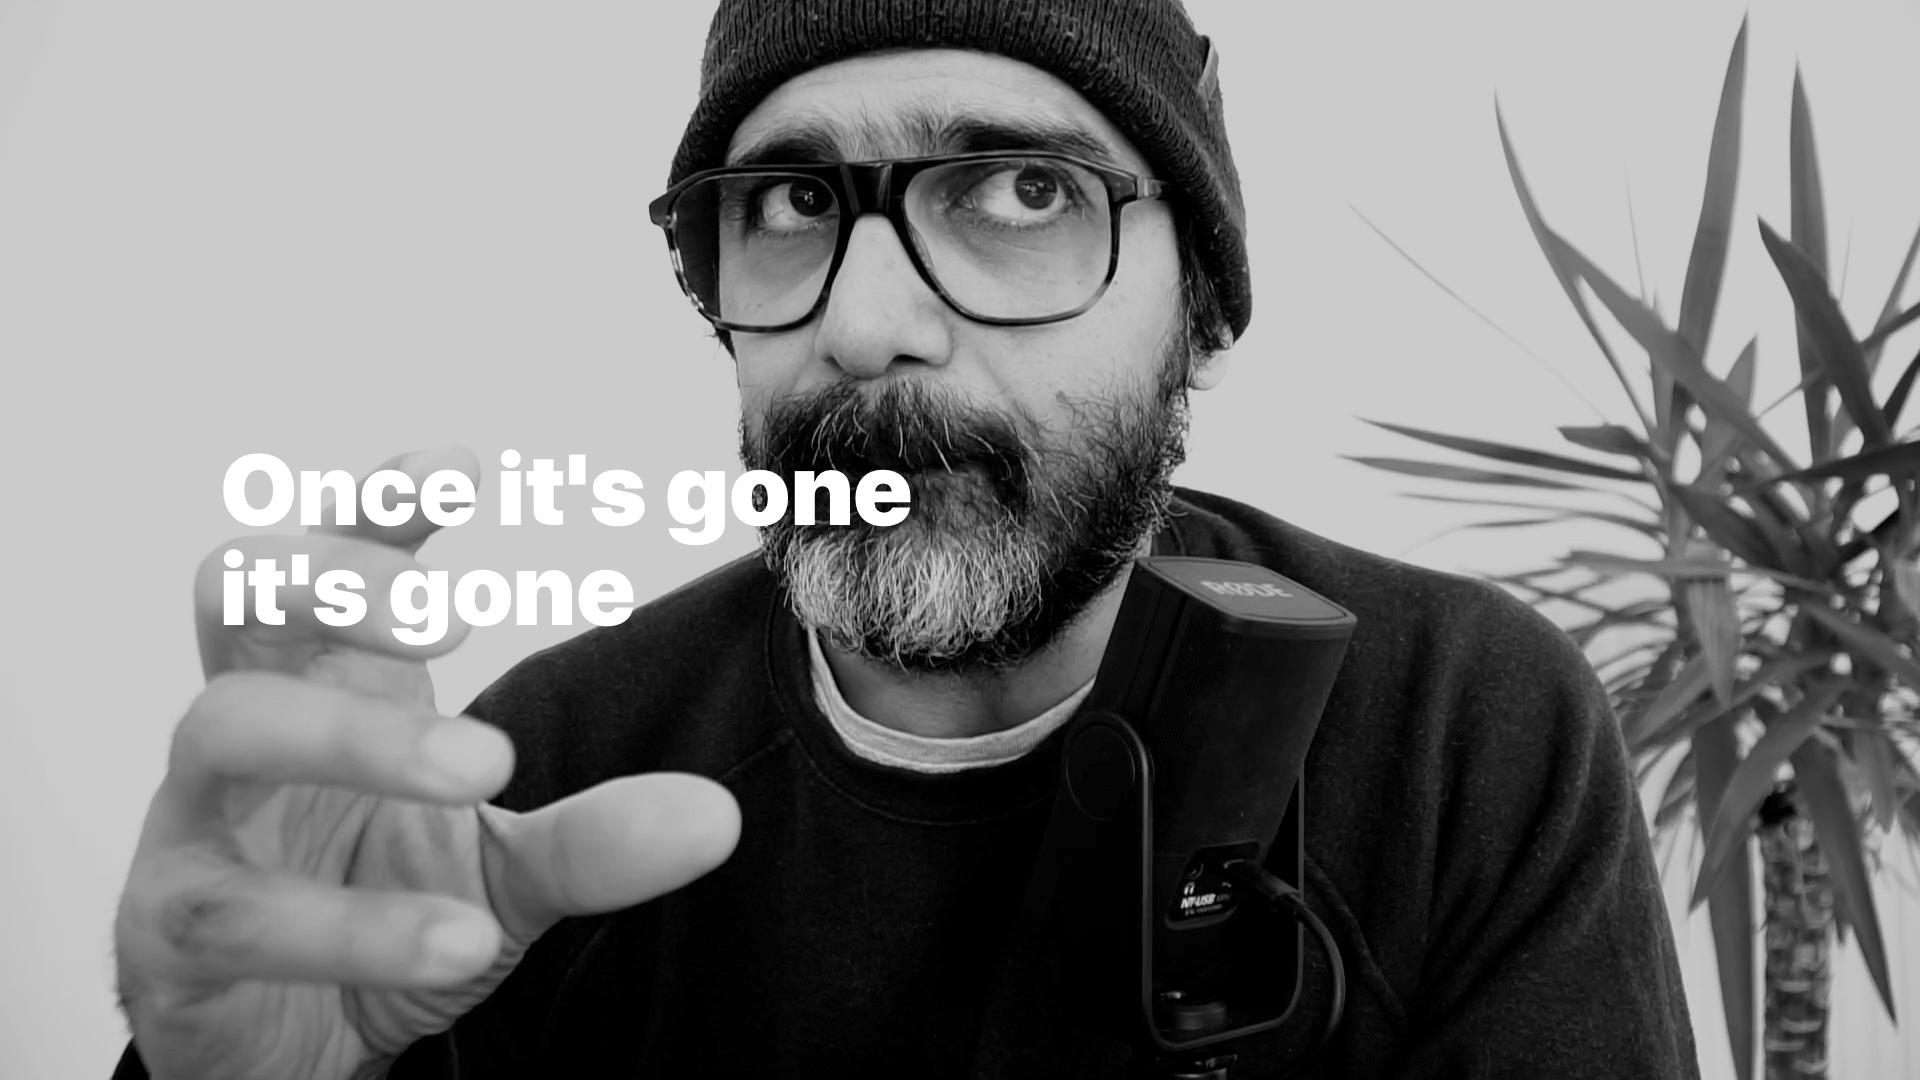 Once it's gone, it's gone